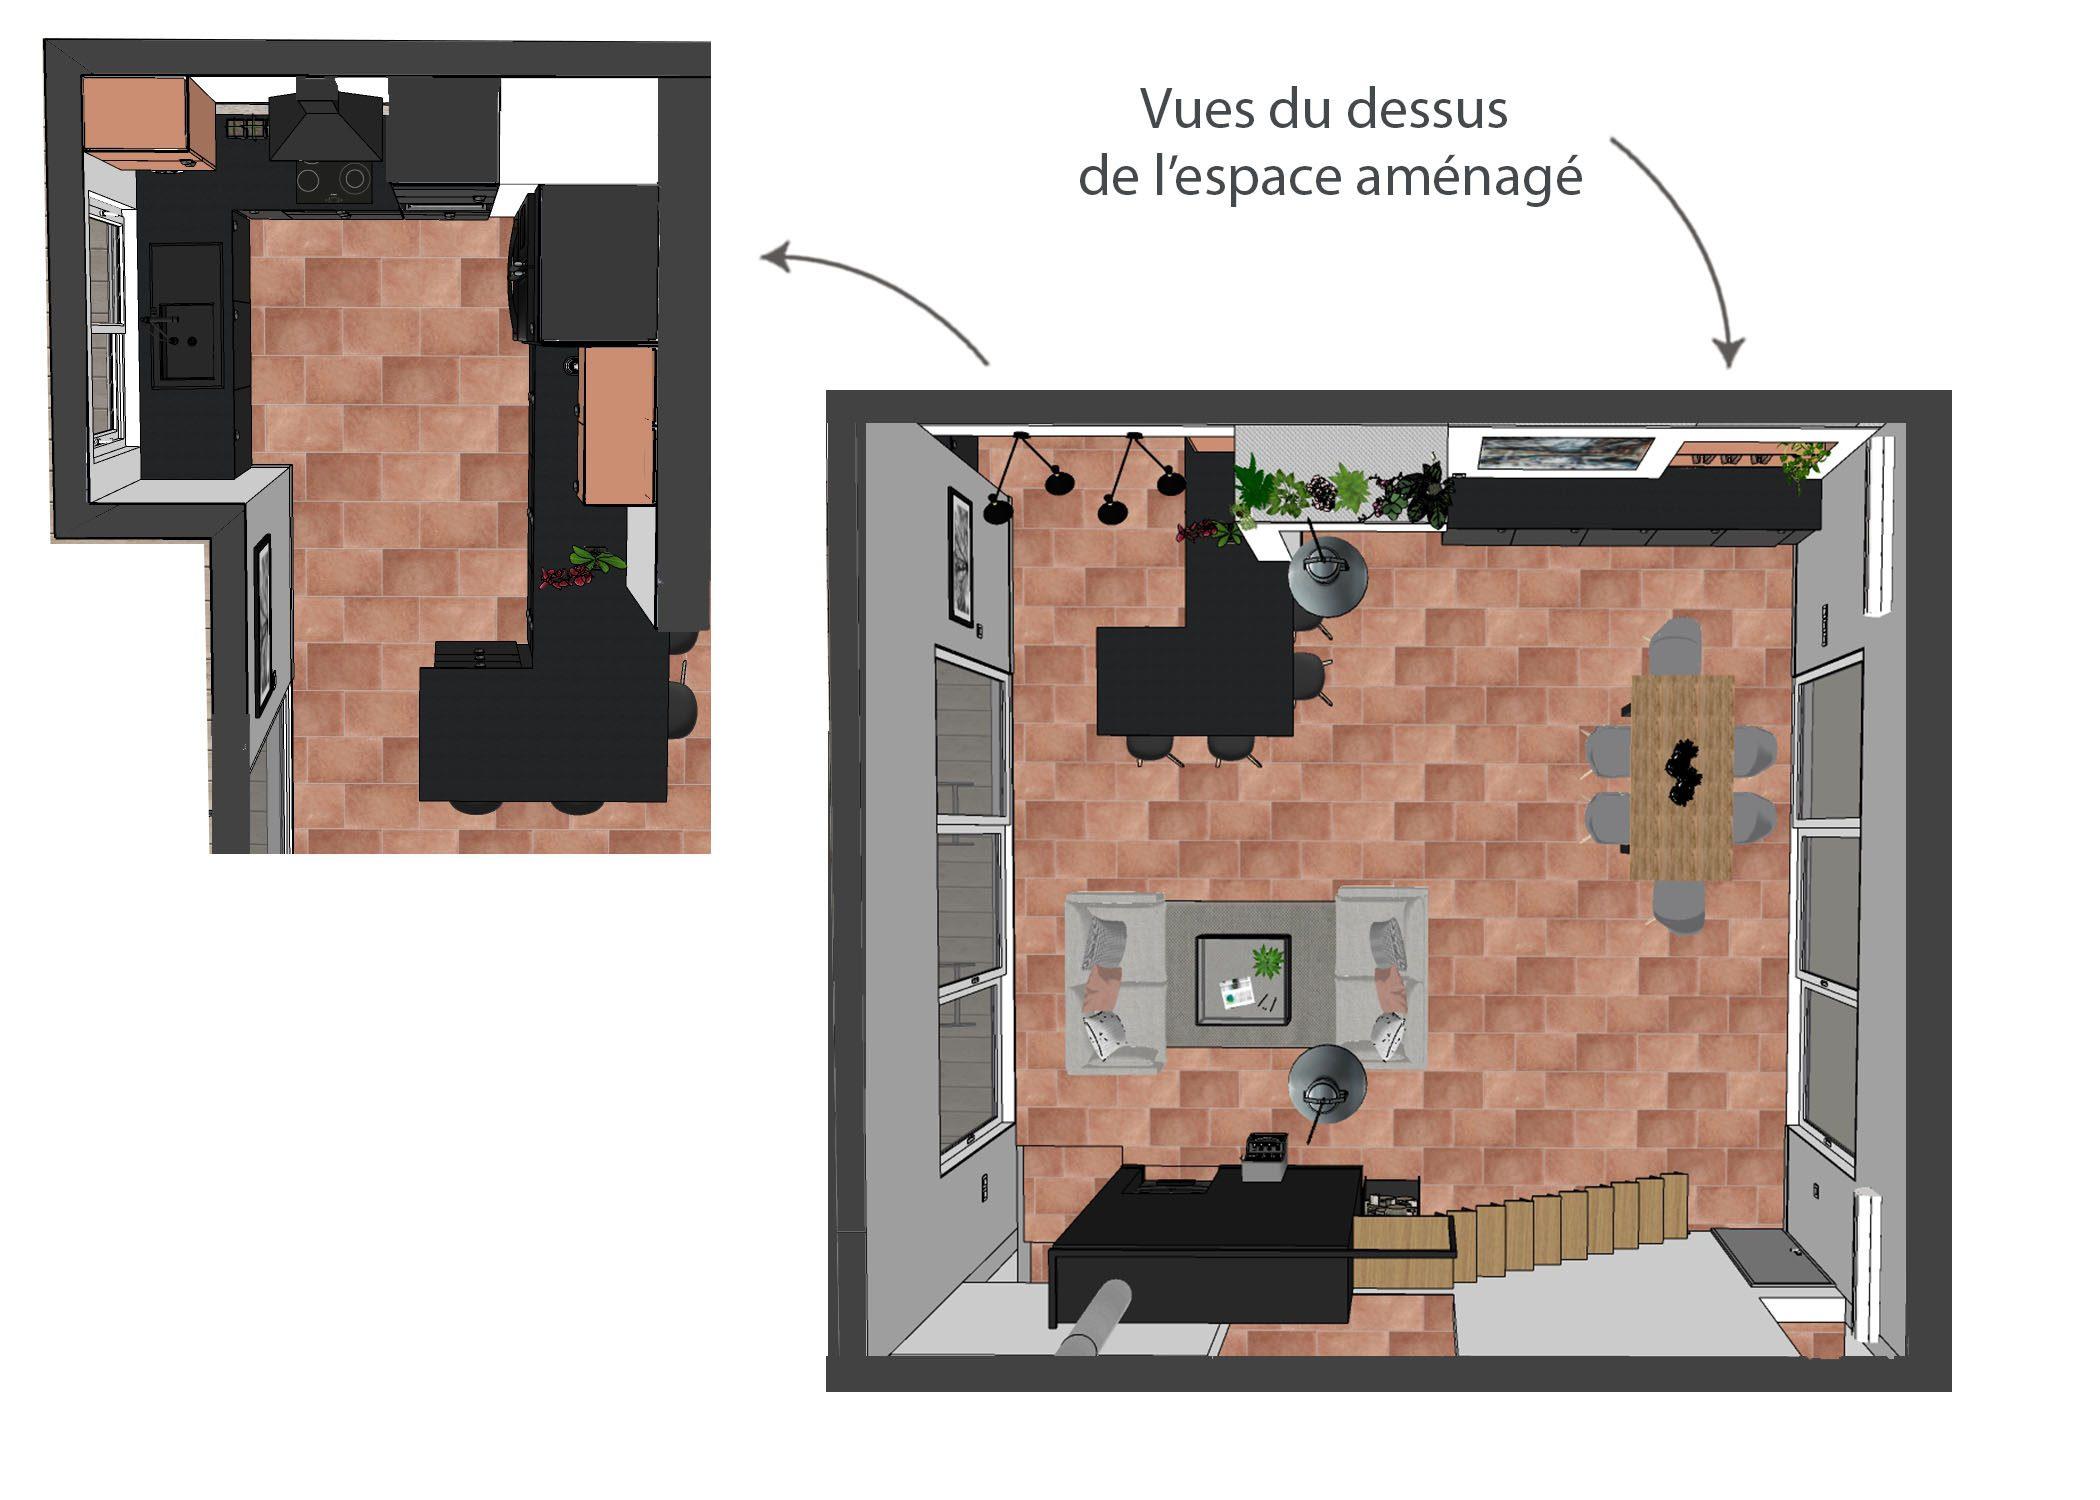 amenagement-decoration-cuisine fuveau-vue du dessus espace amenage-dekho design